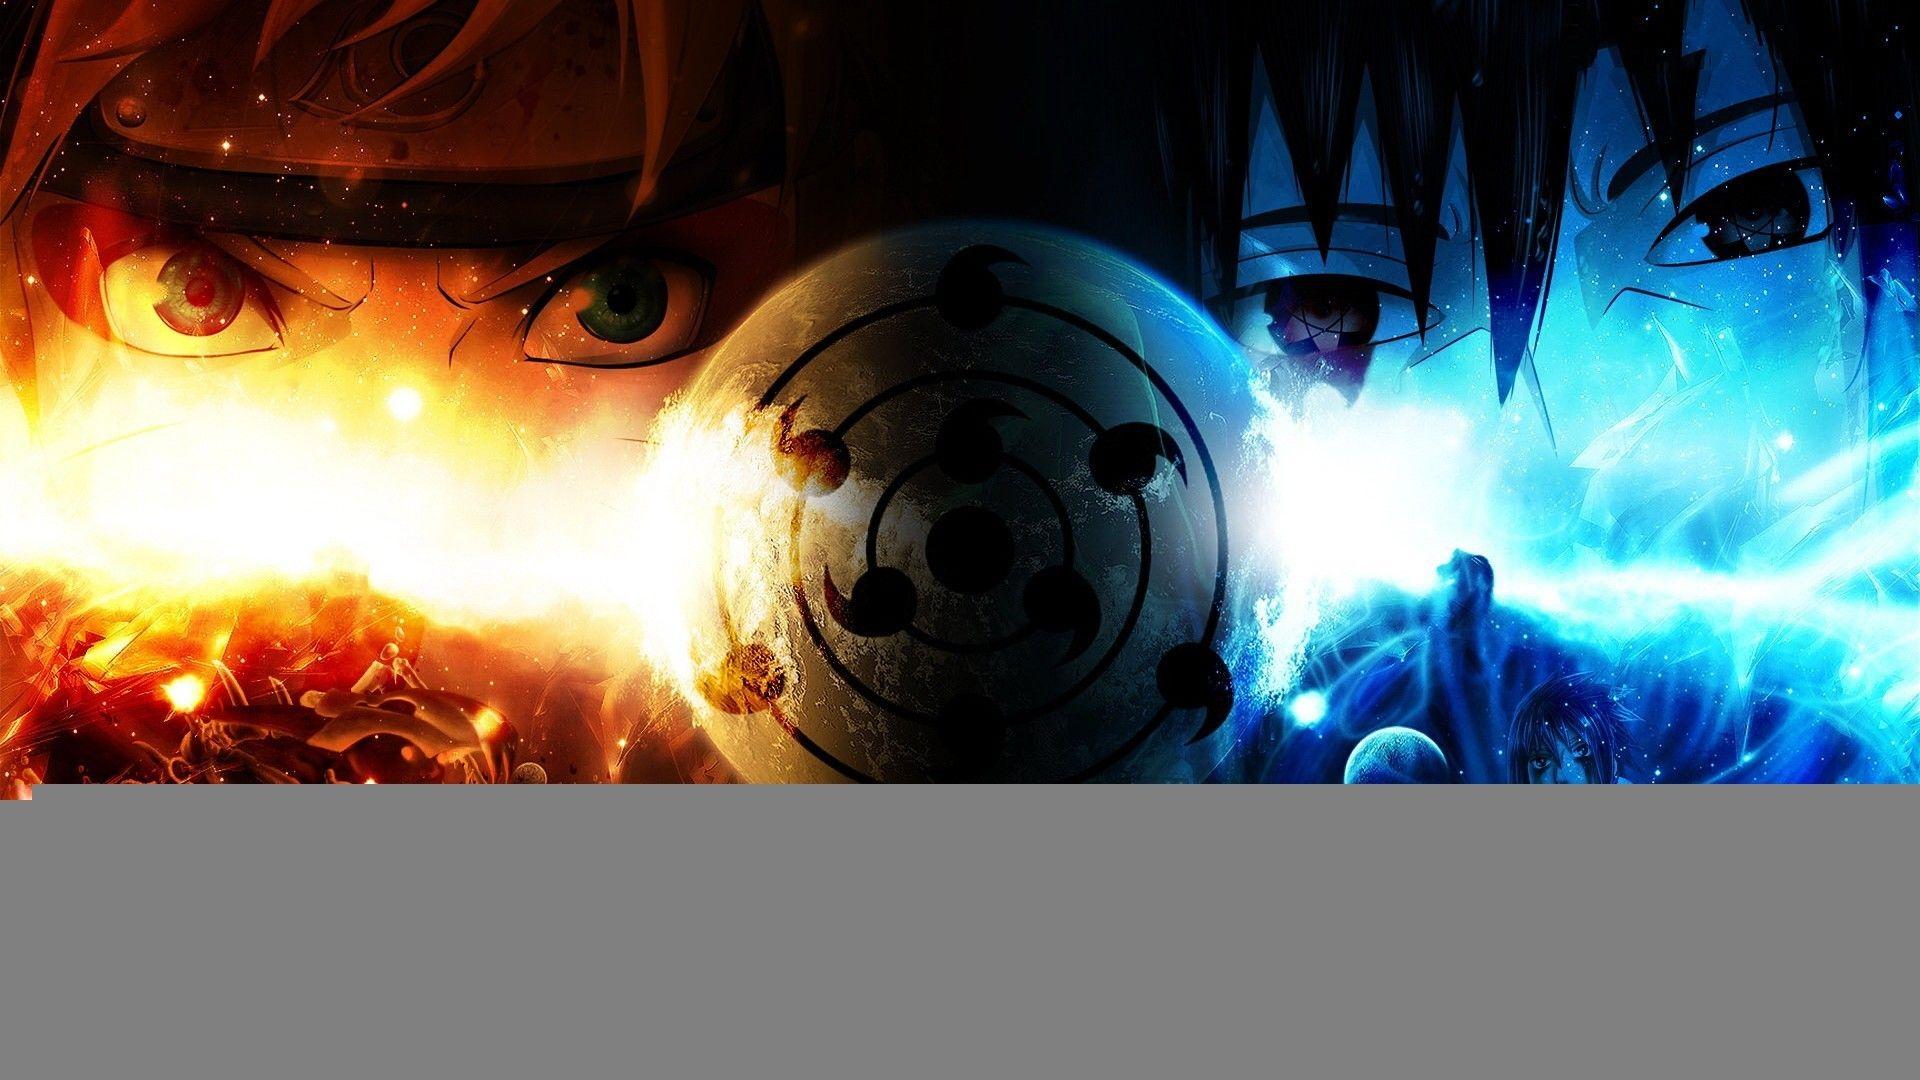 Ultra Hd Naruto Wallpaper Hd 1920x1080 Displays, 1080p